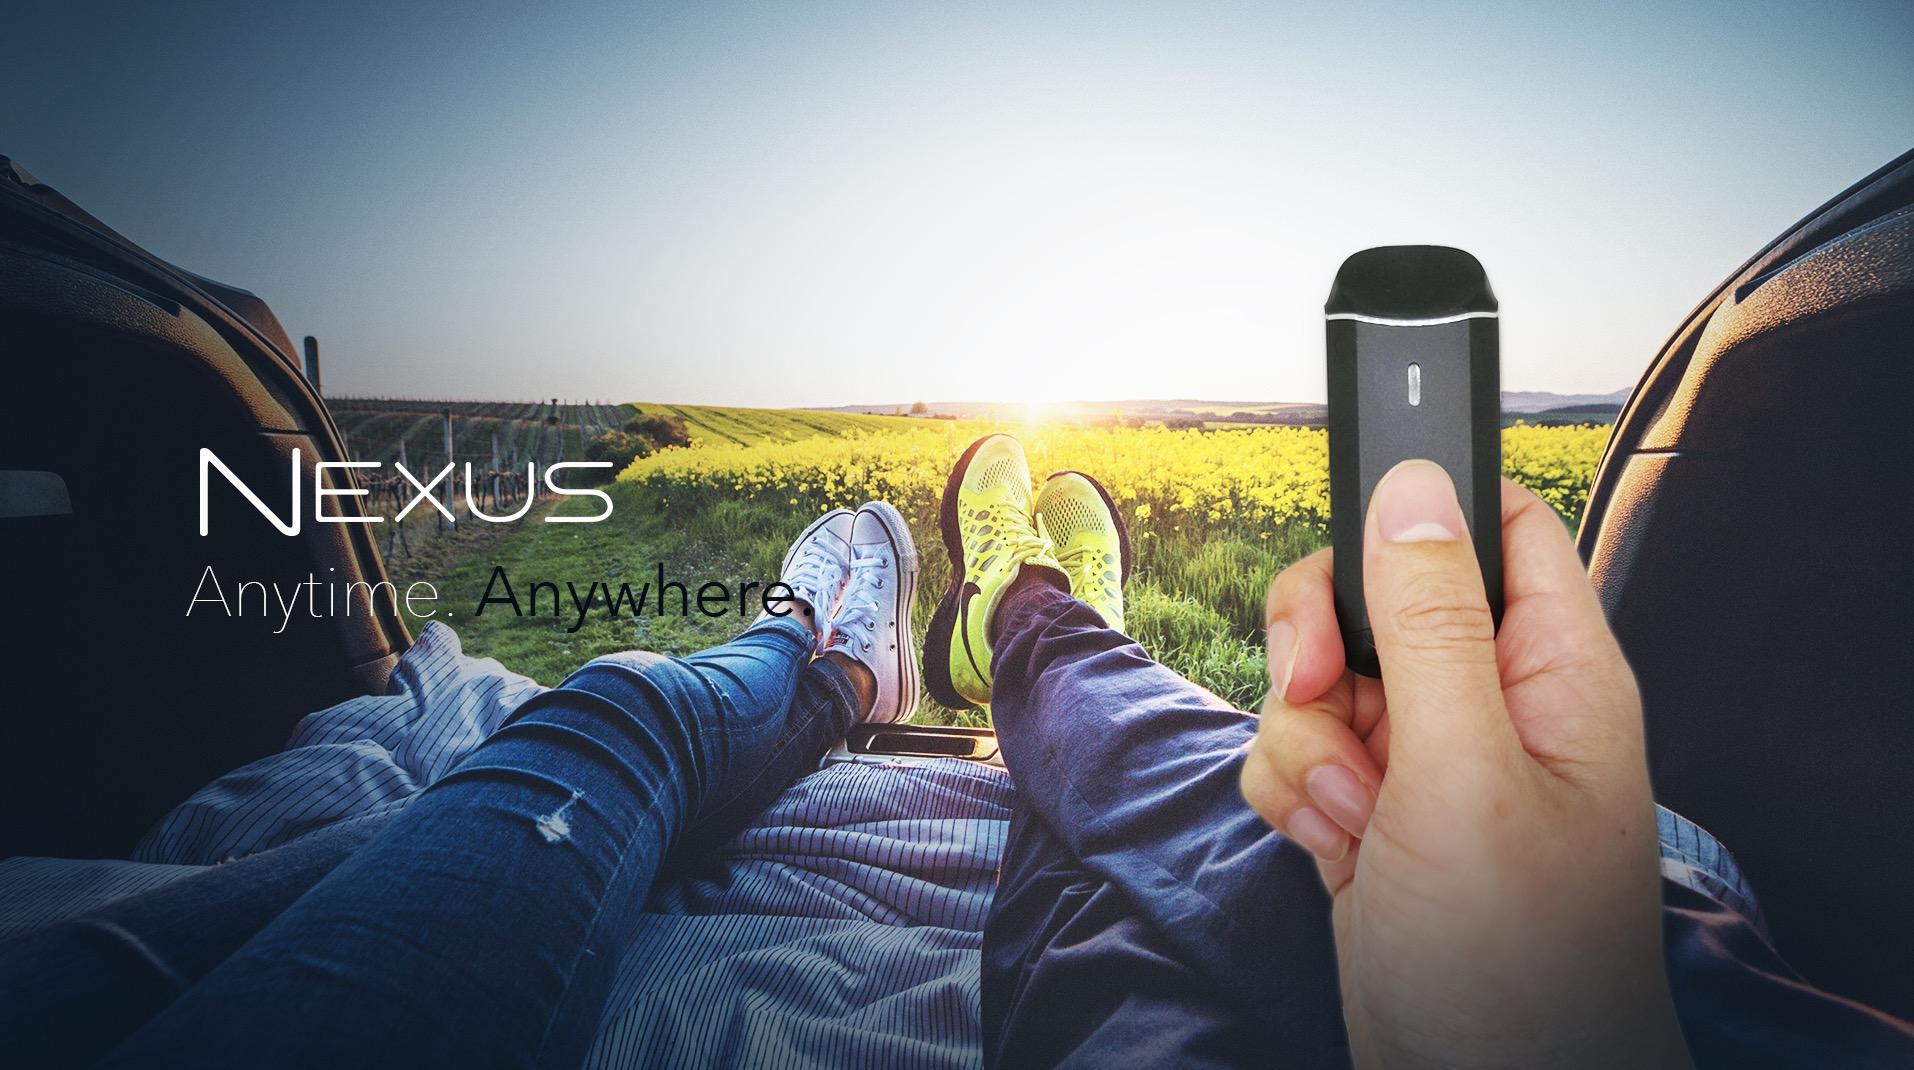 Nexus_kit_1_homepage.jpg